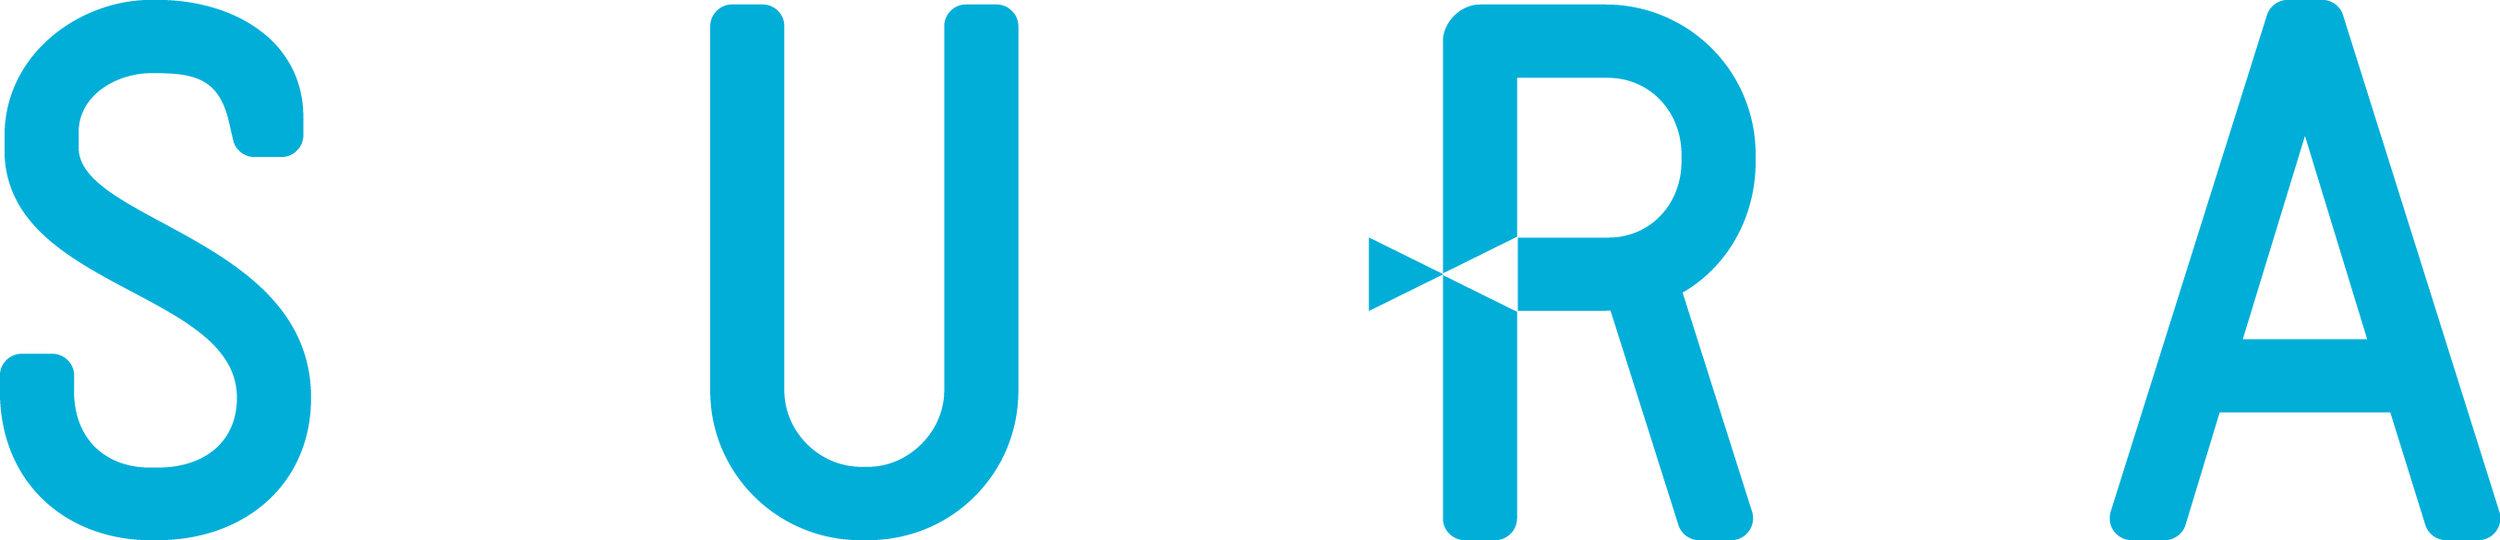 AUST005_Sura_Logo_Col_RGB.jpg